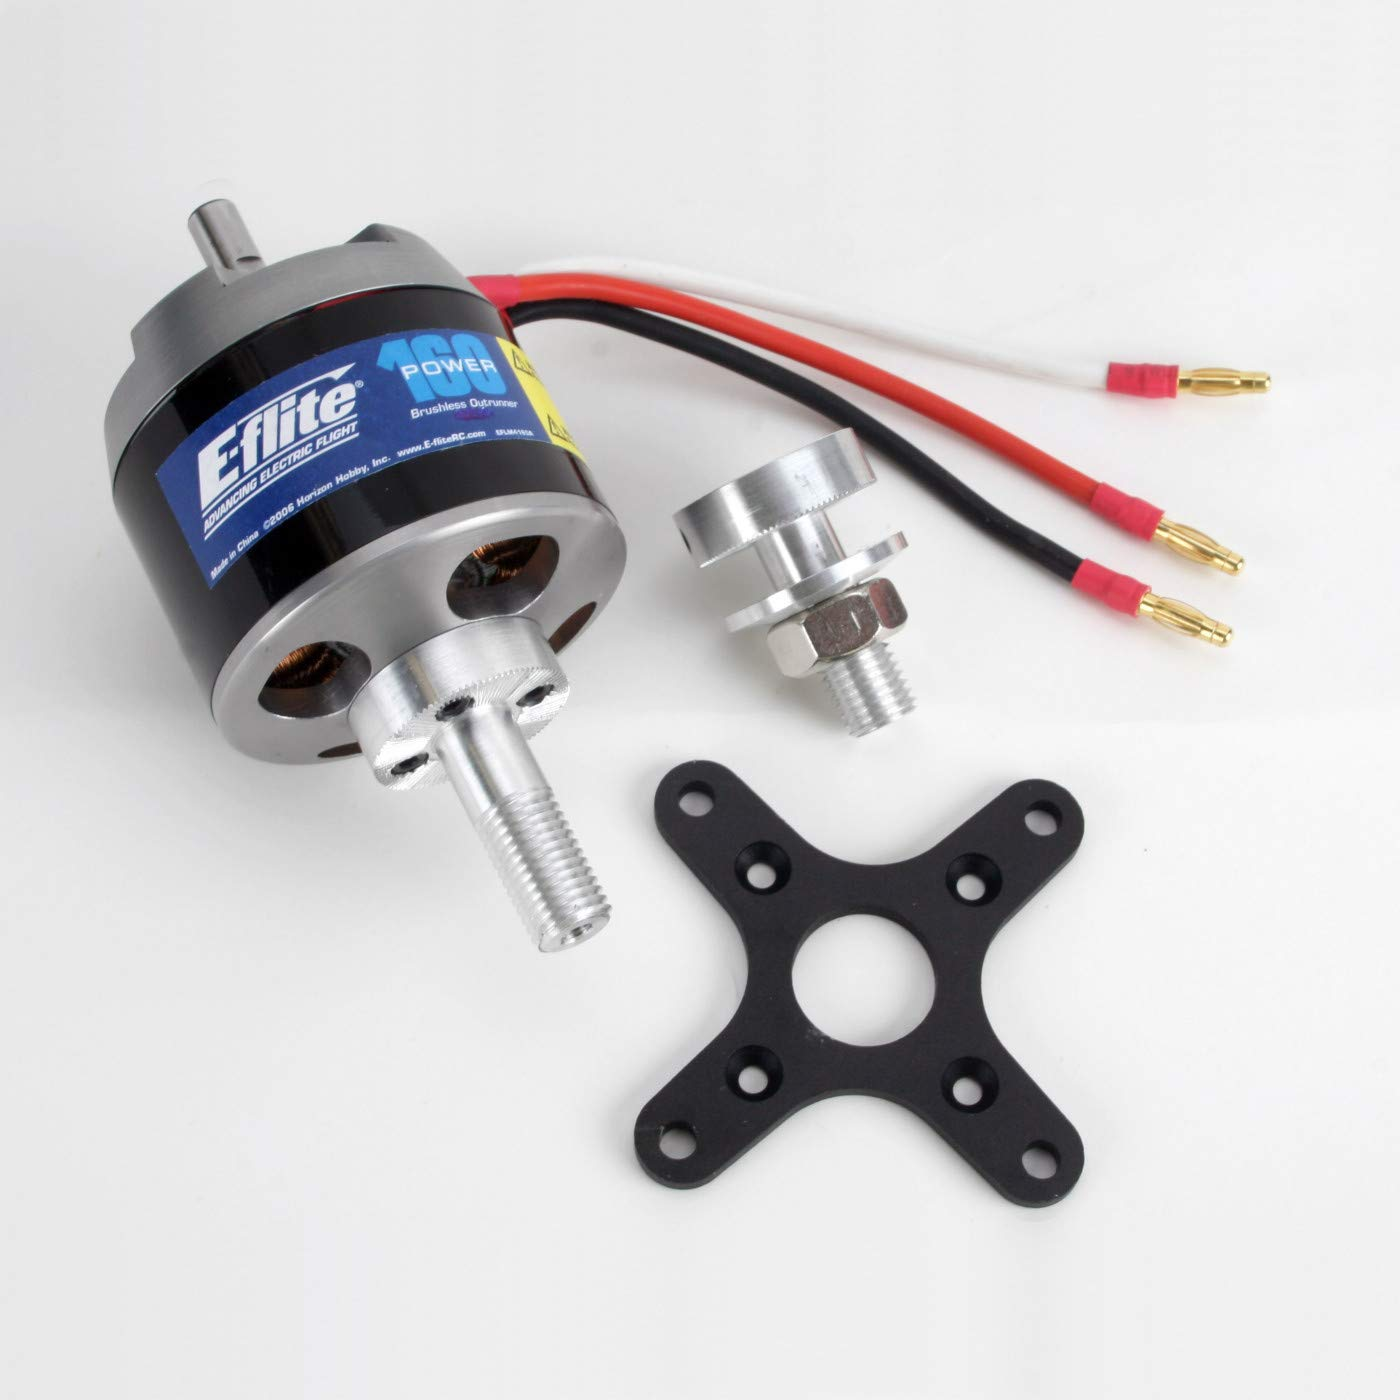 E-flite Power 160 Brushless Outrunner Motor, 245Kv: 4mm Bull